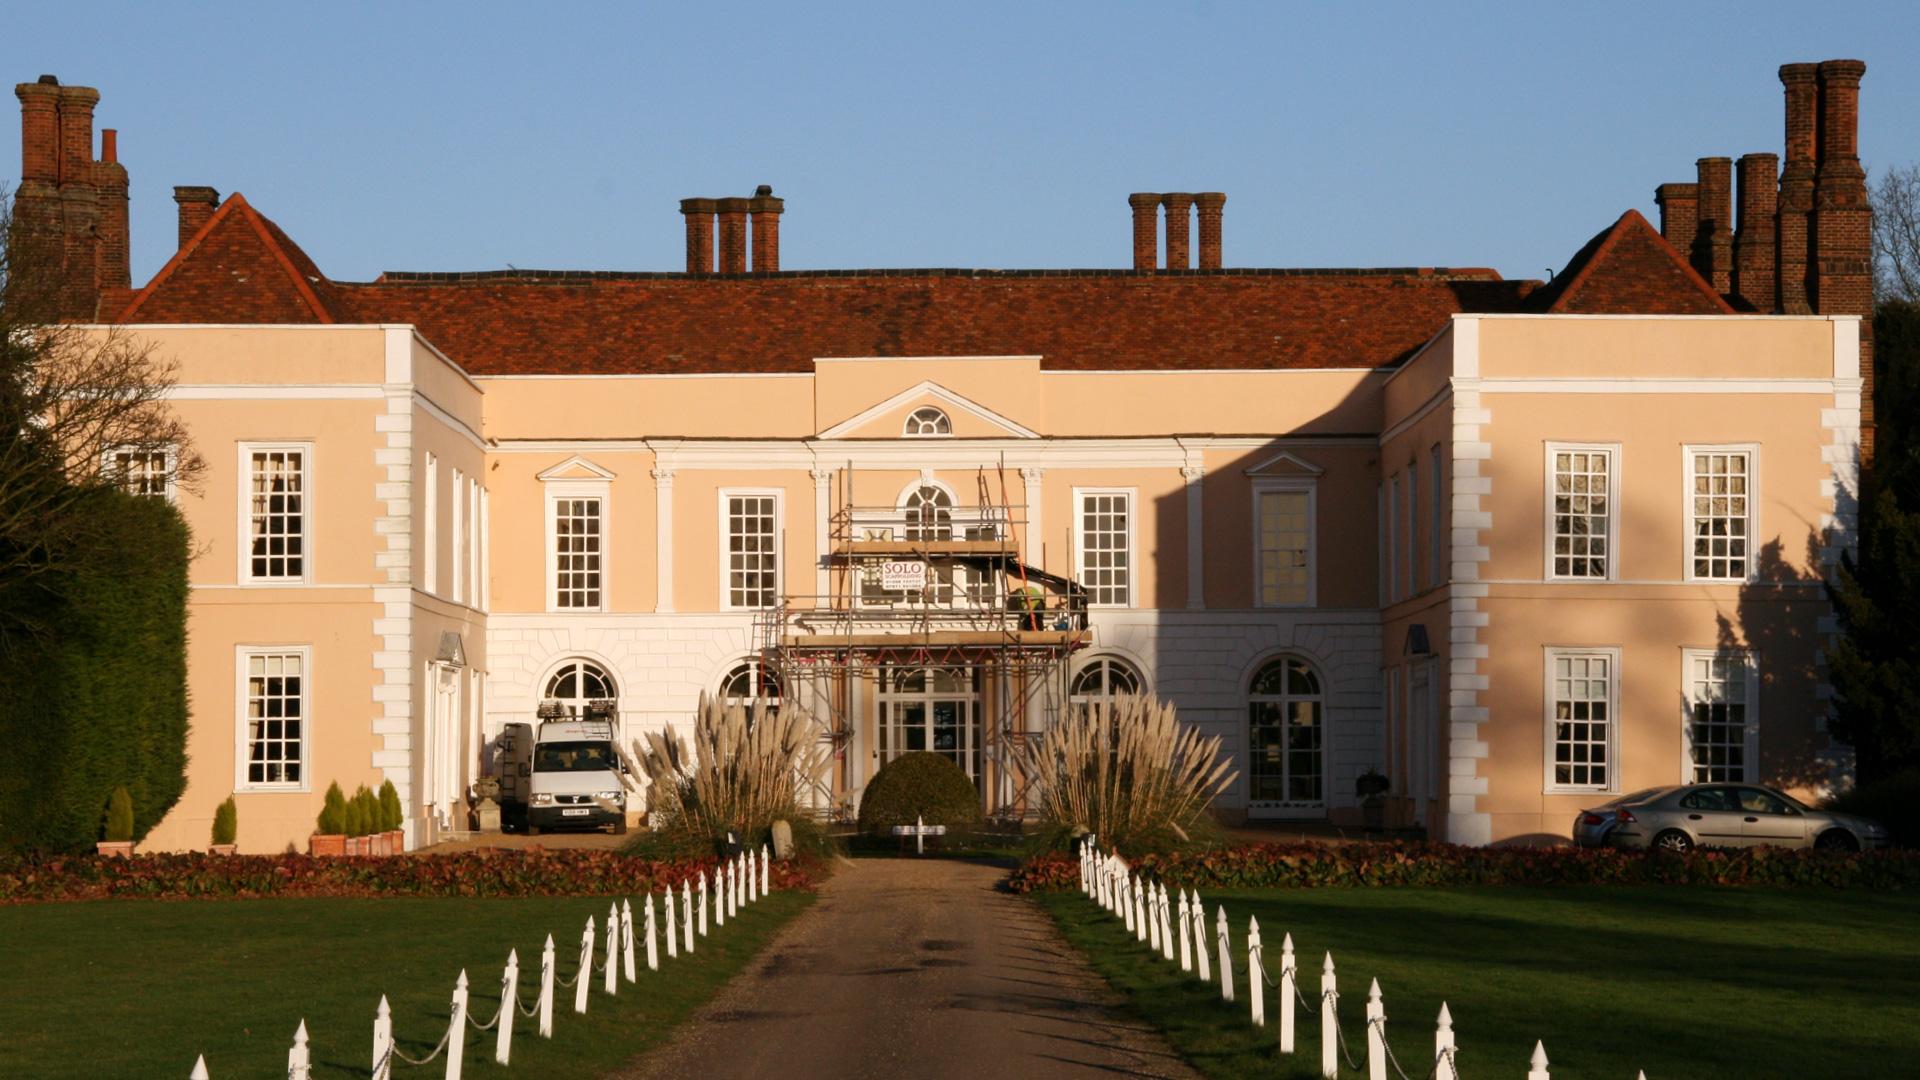 Hintlesham Hall Hotel, Suffolk